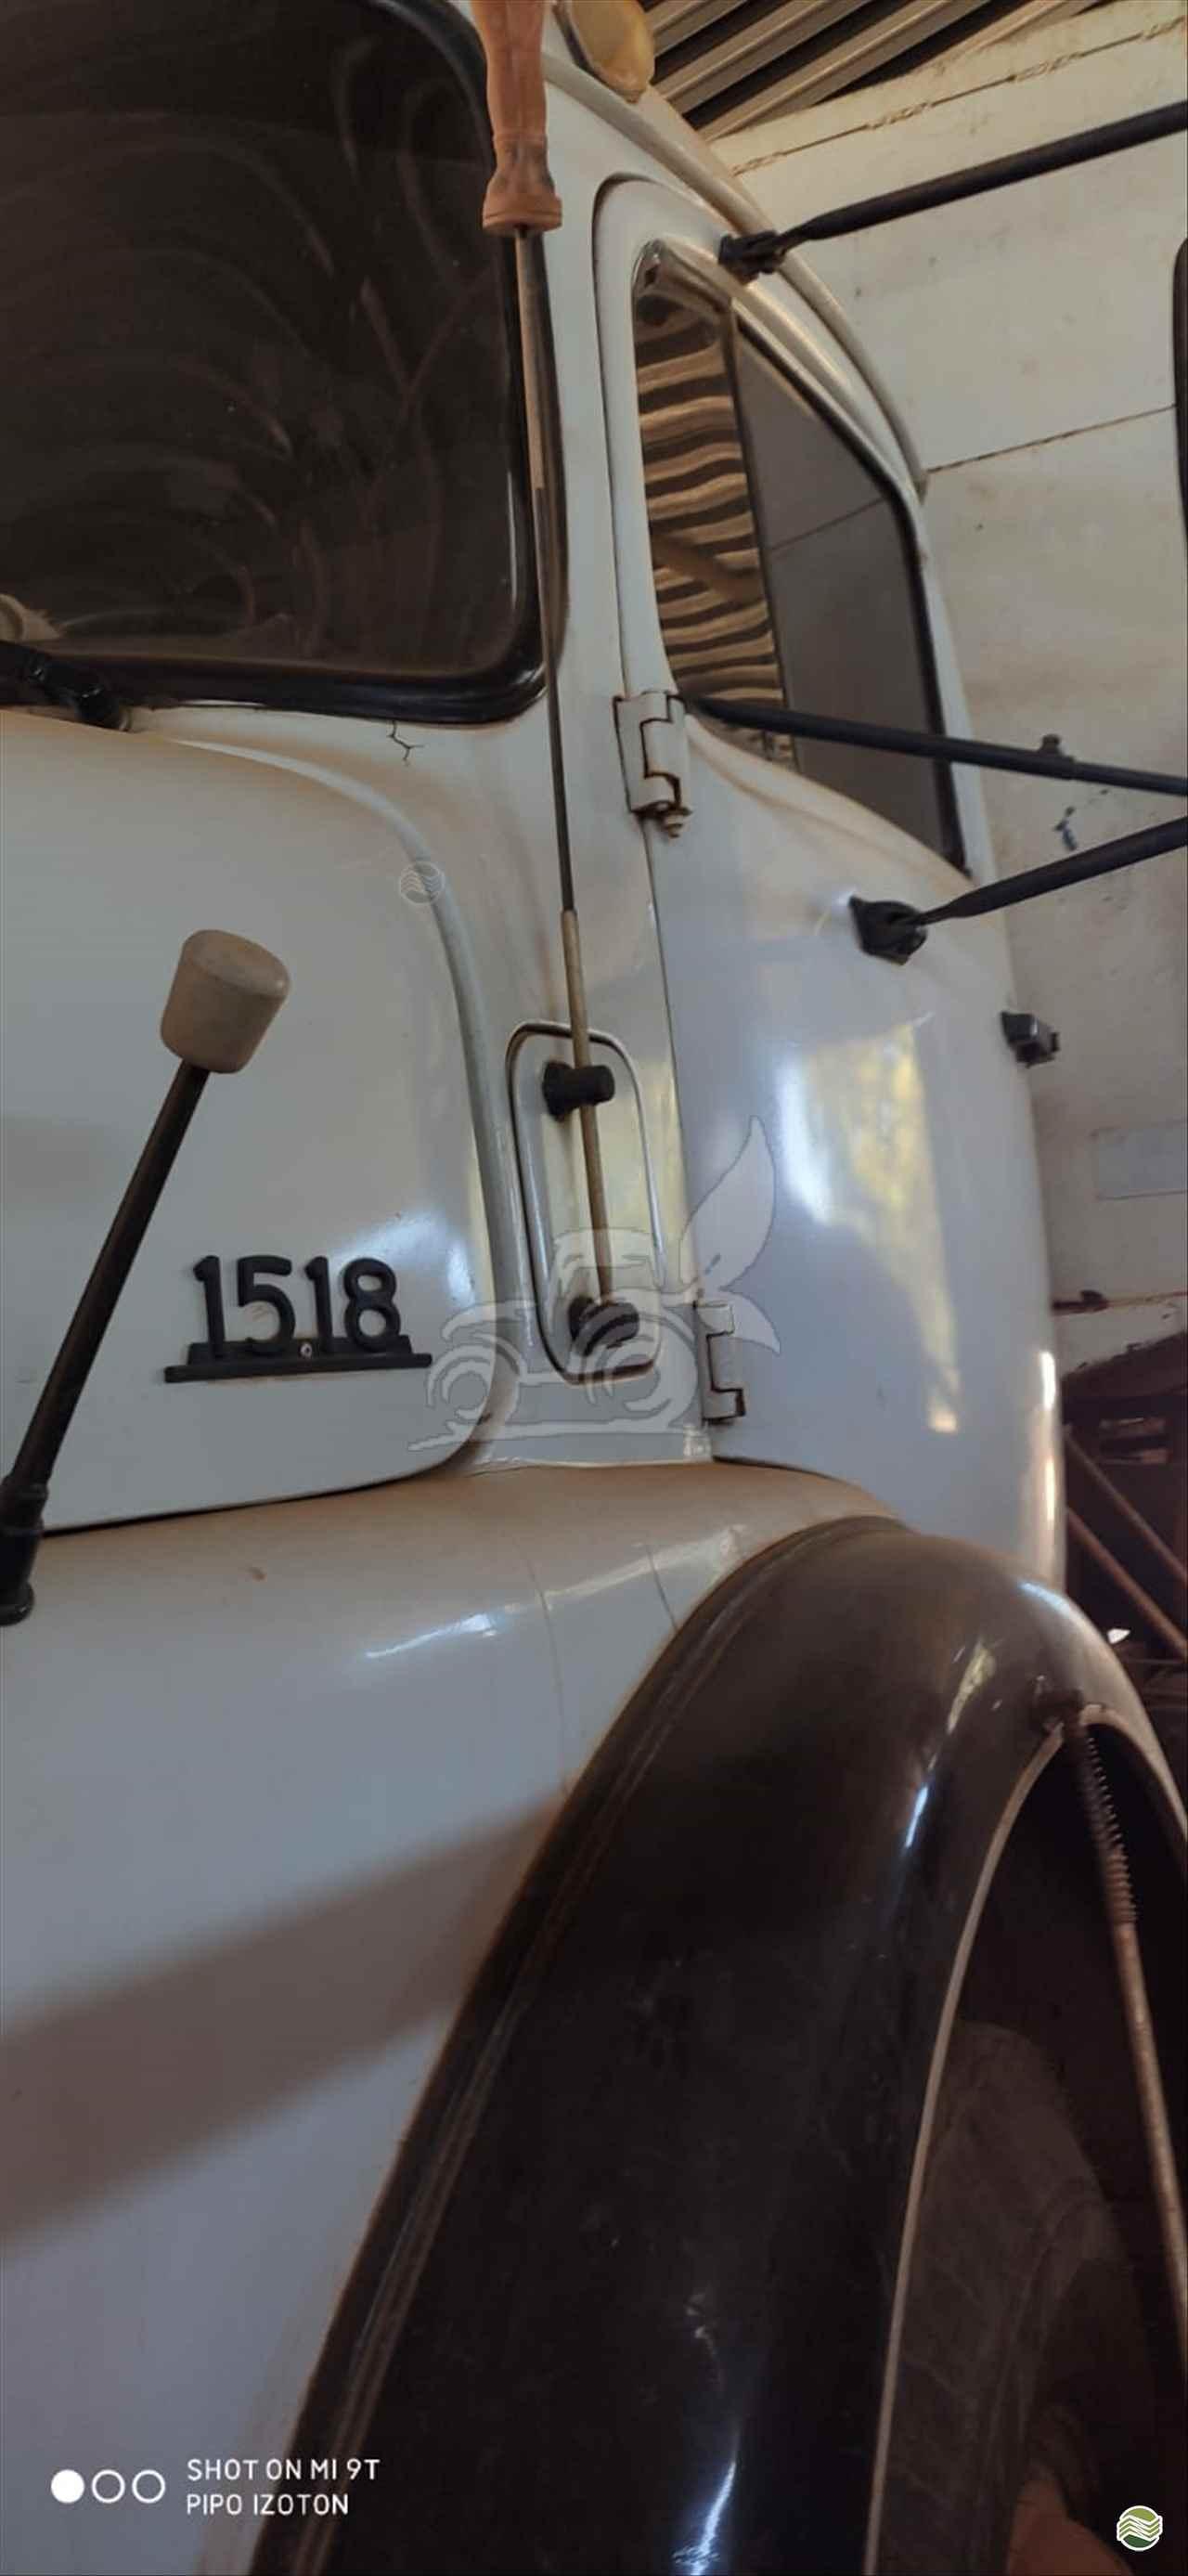 CAMINHAO MERCEDES-BENZ MB 1518 Caçamba Basculante Truck 6x2 EP Máquinas e Implementos Agrícolas CRISTALINA GOIAS GO